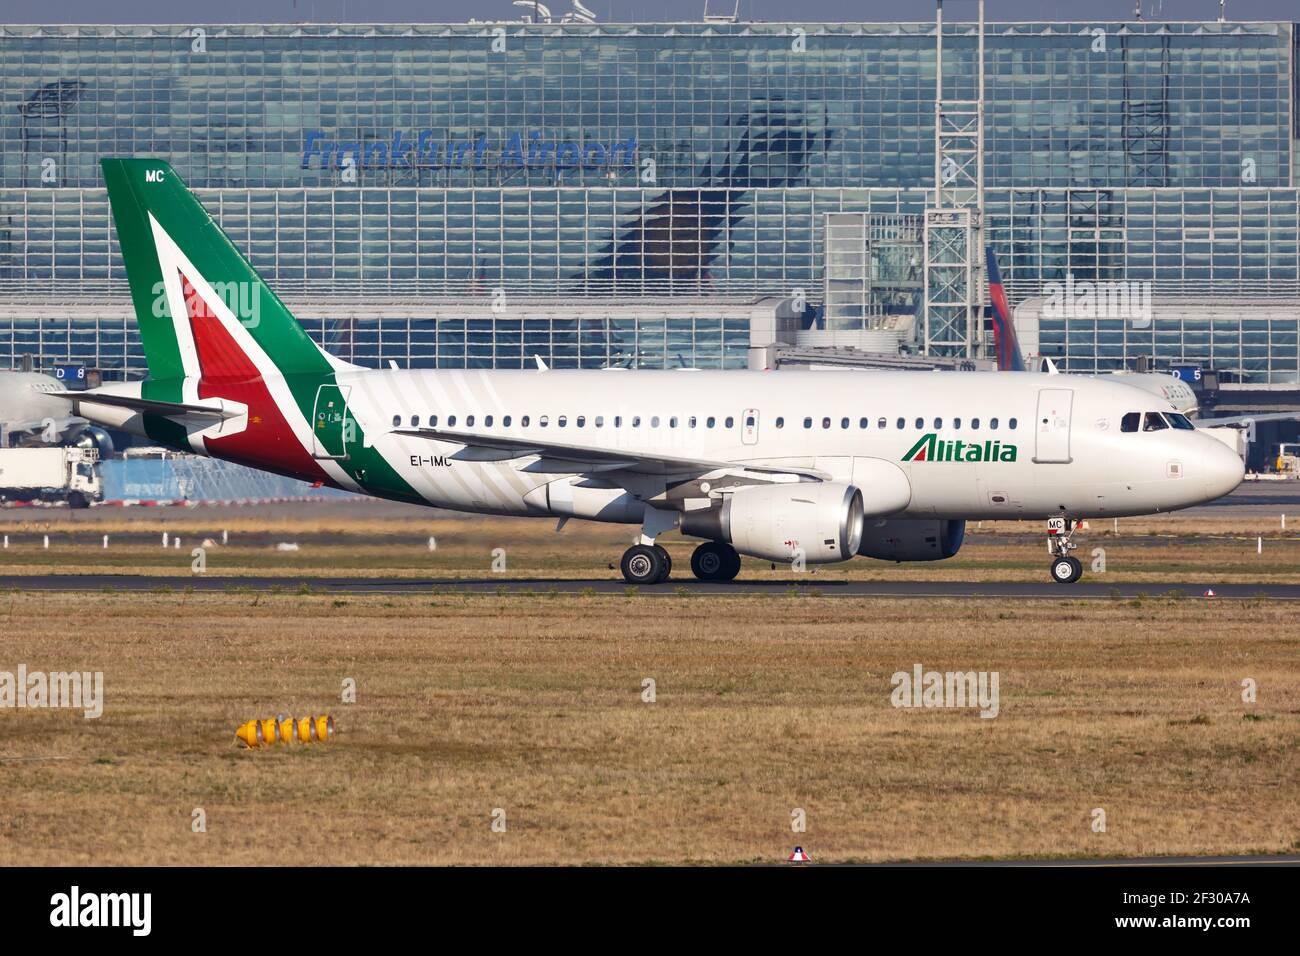 Frankfurt, Alemania - 16 de octubre de 2018: Avión Airbus A319 de Alitalia en el aeropuerto de Frankfurt (FRA) en Alemania. Airbus es un fabricante europeo de aviones Foto de stock